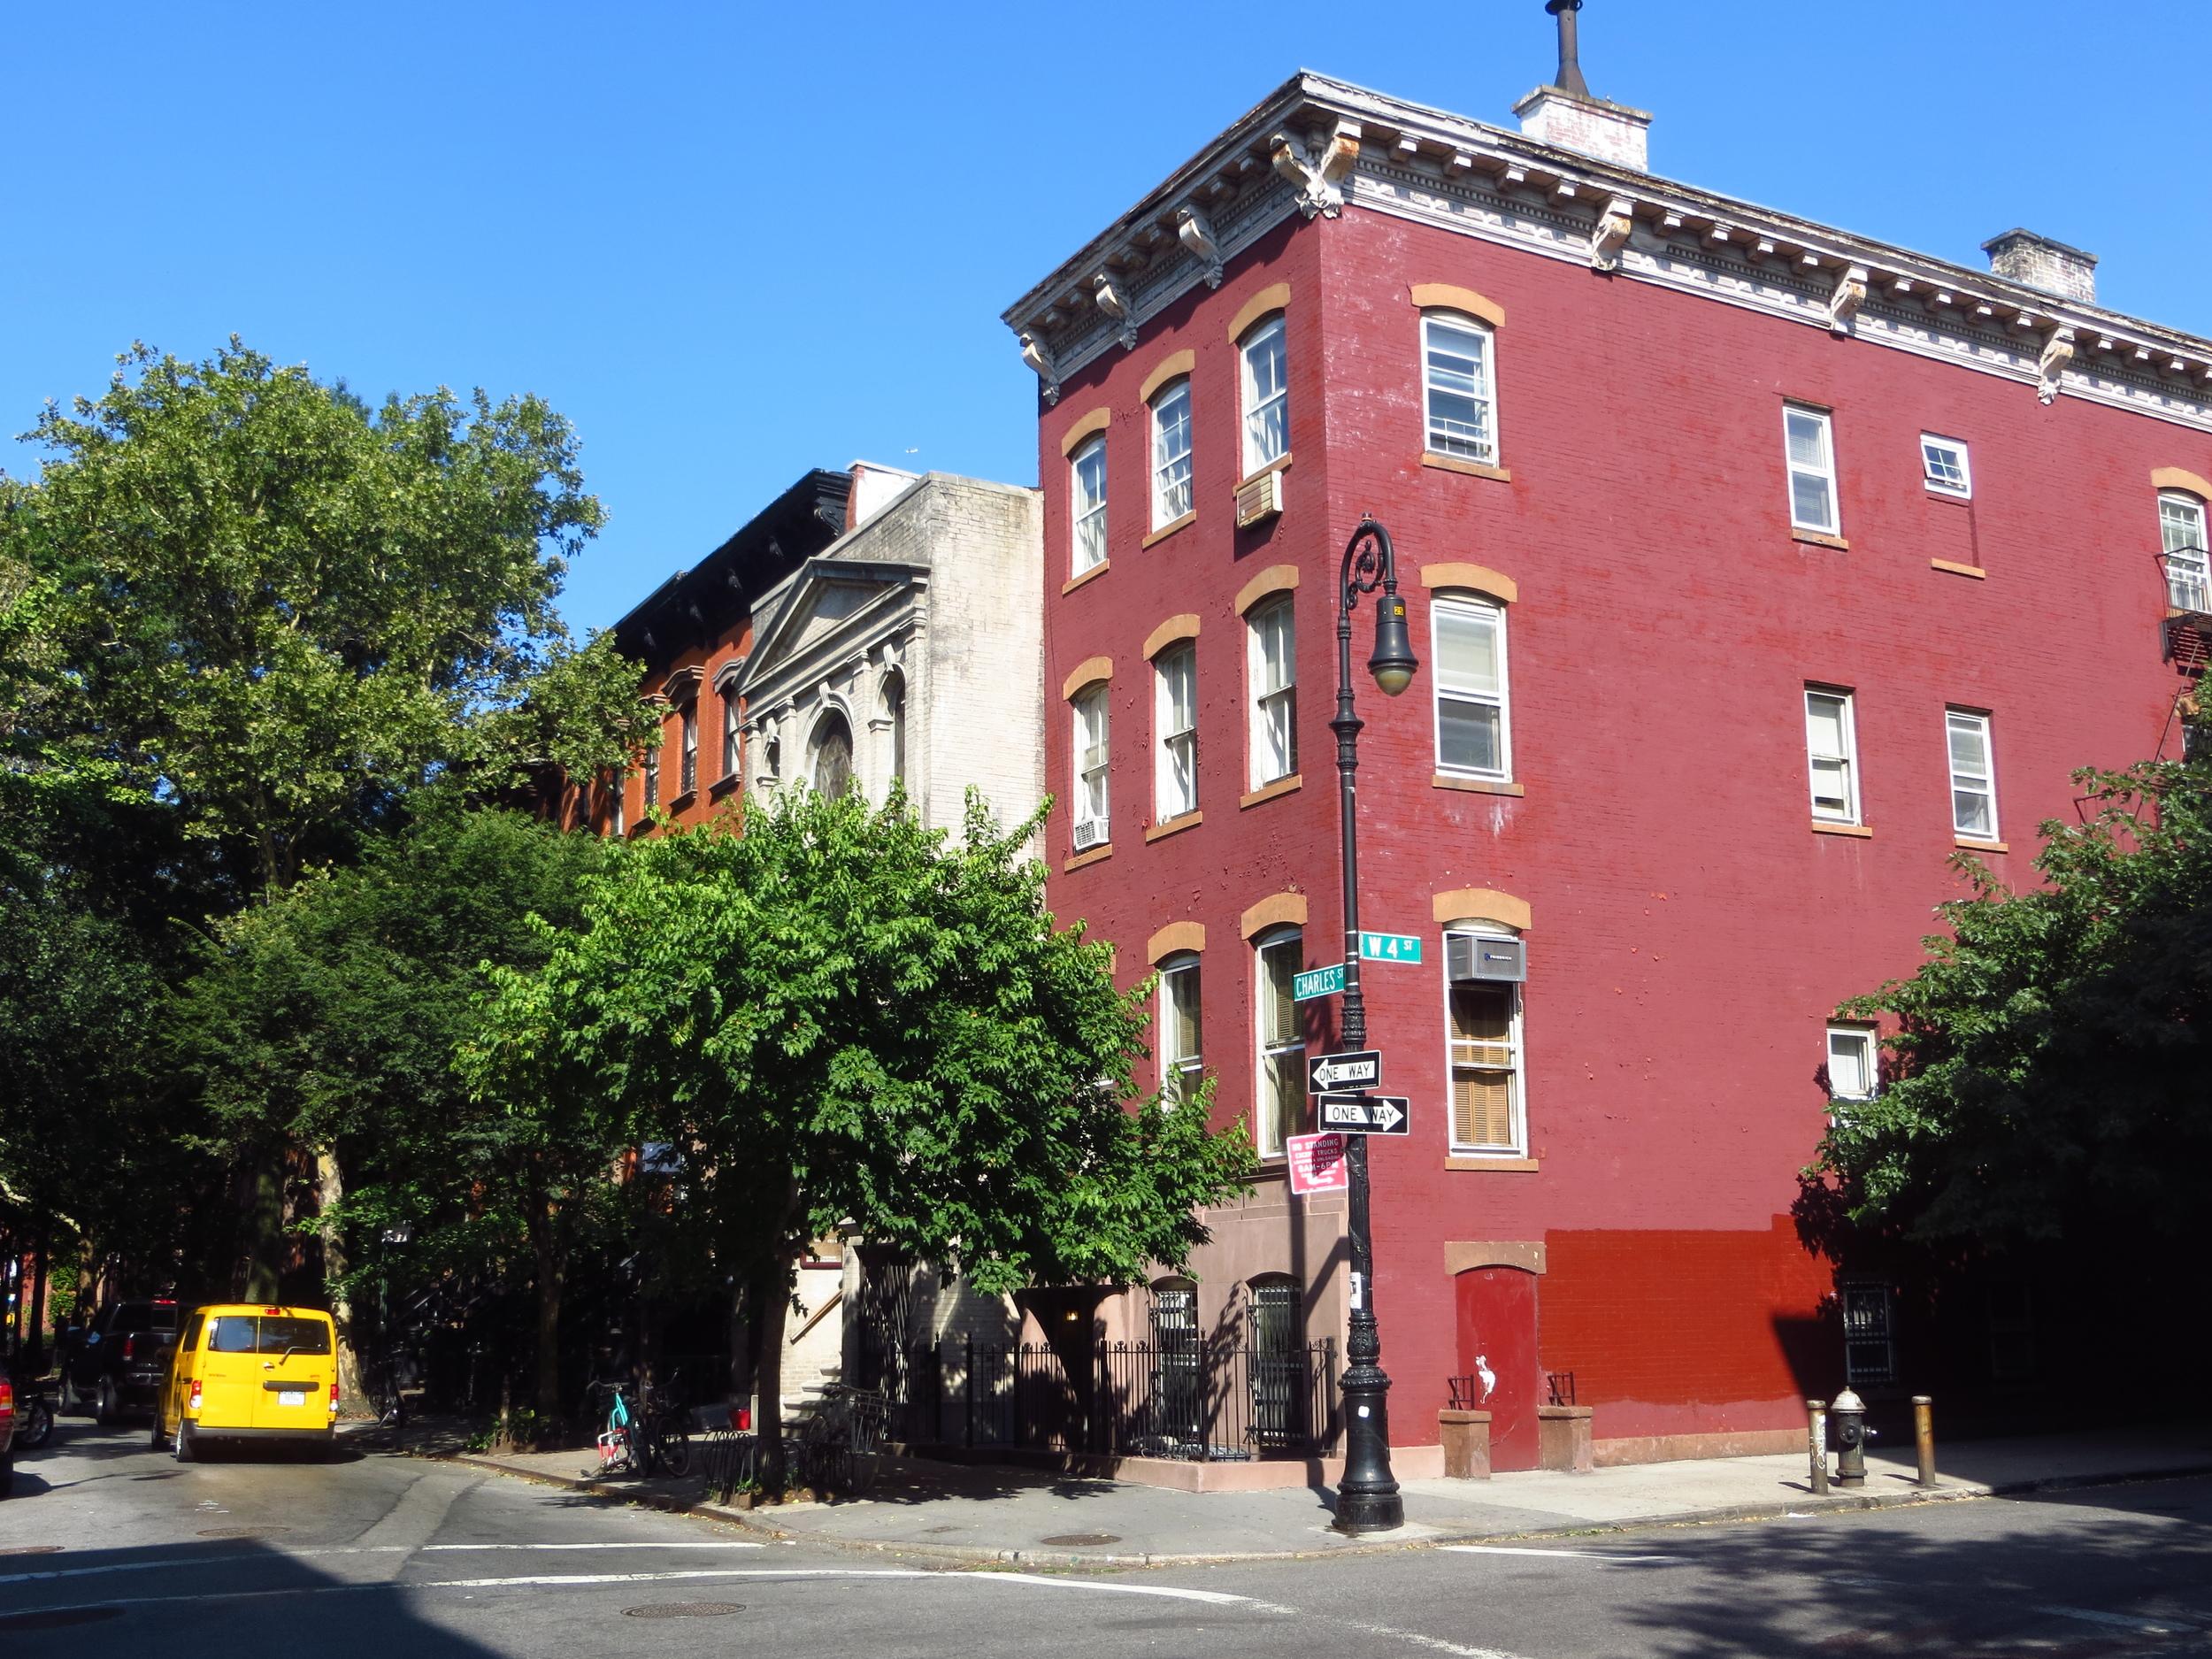 West Village block